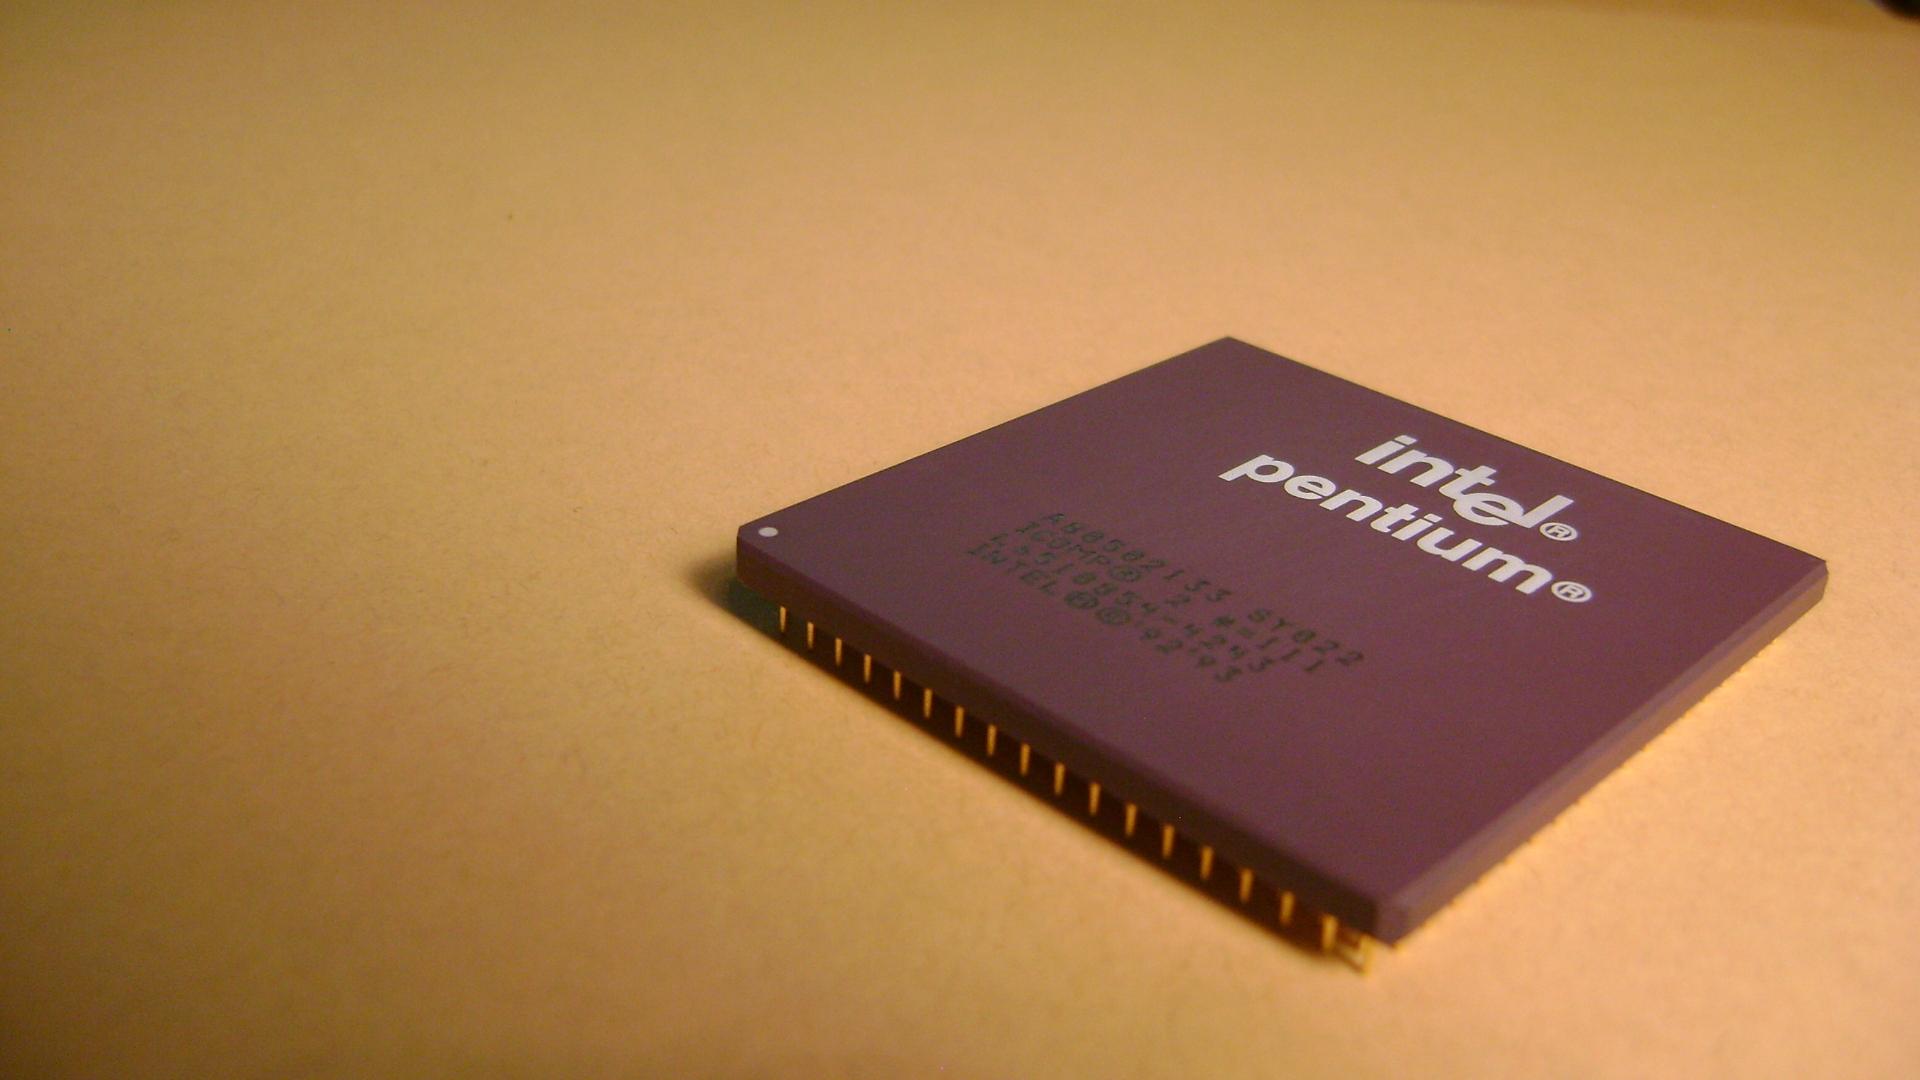 Intel Pentium Processor HD Wallpaper 1920x1080 ID35119 1920x1080